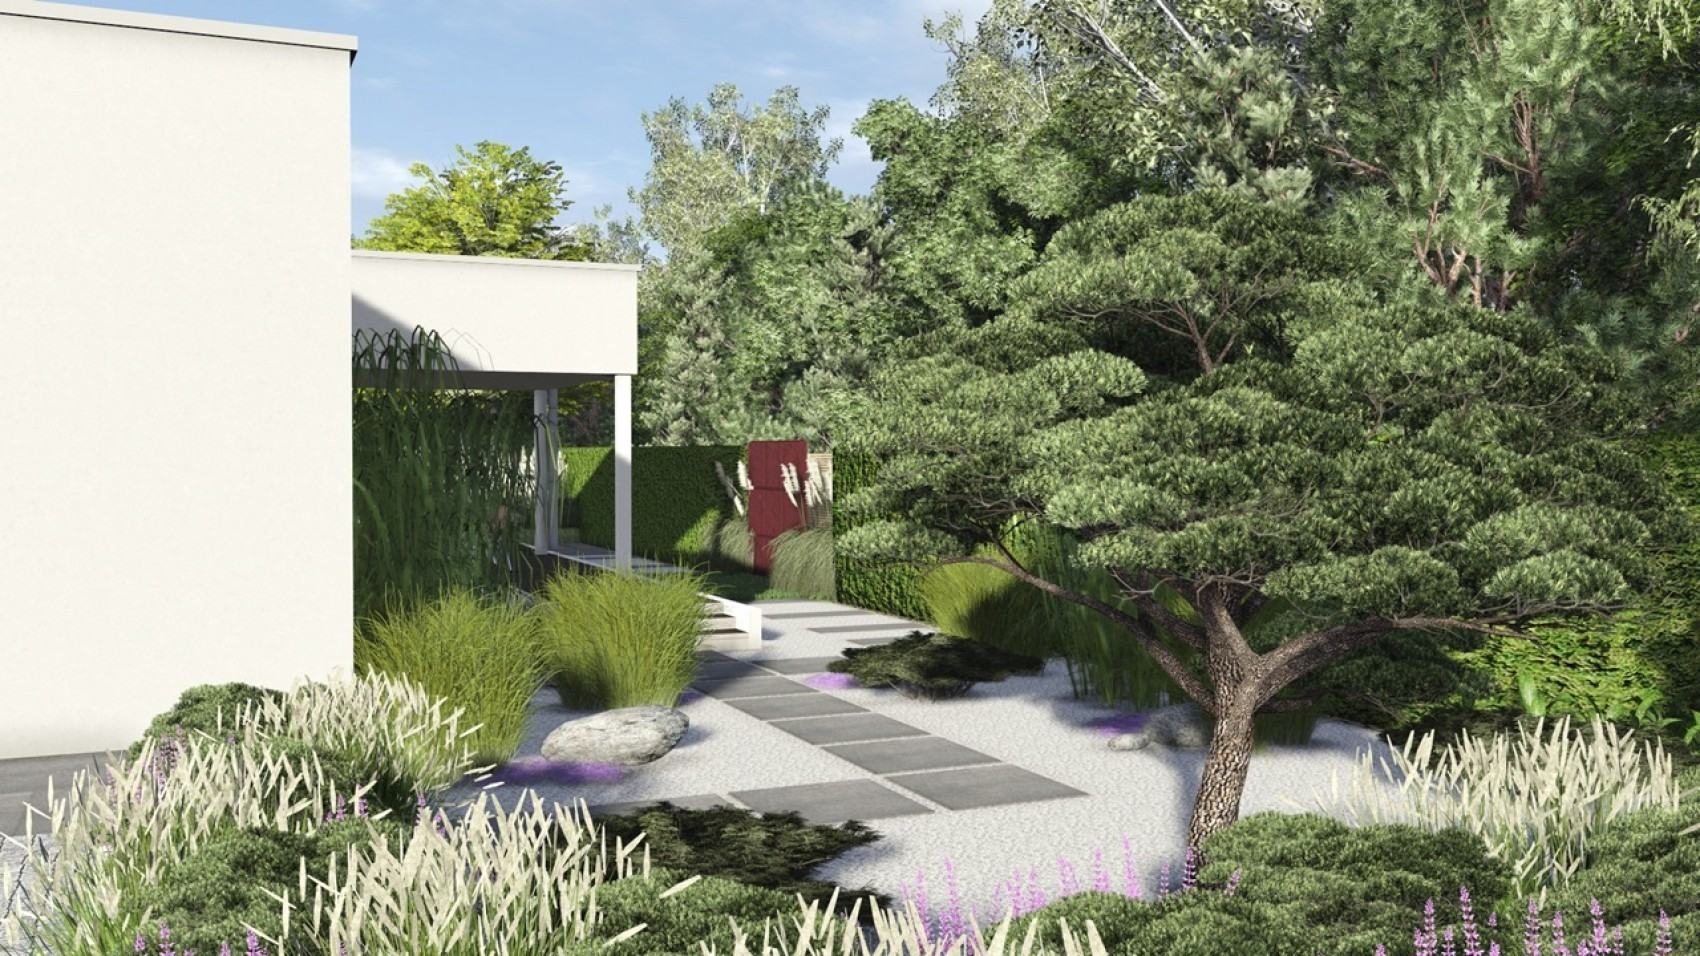 Jak Stworzyć Swój Wymarzony Ogród Od Podstaw Rozmowa Z